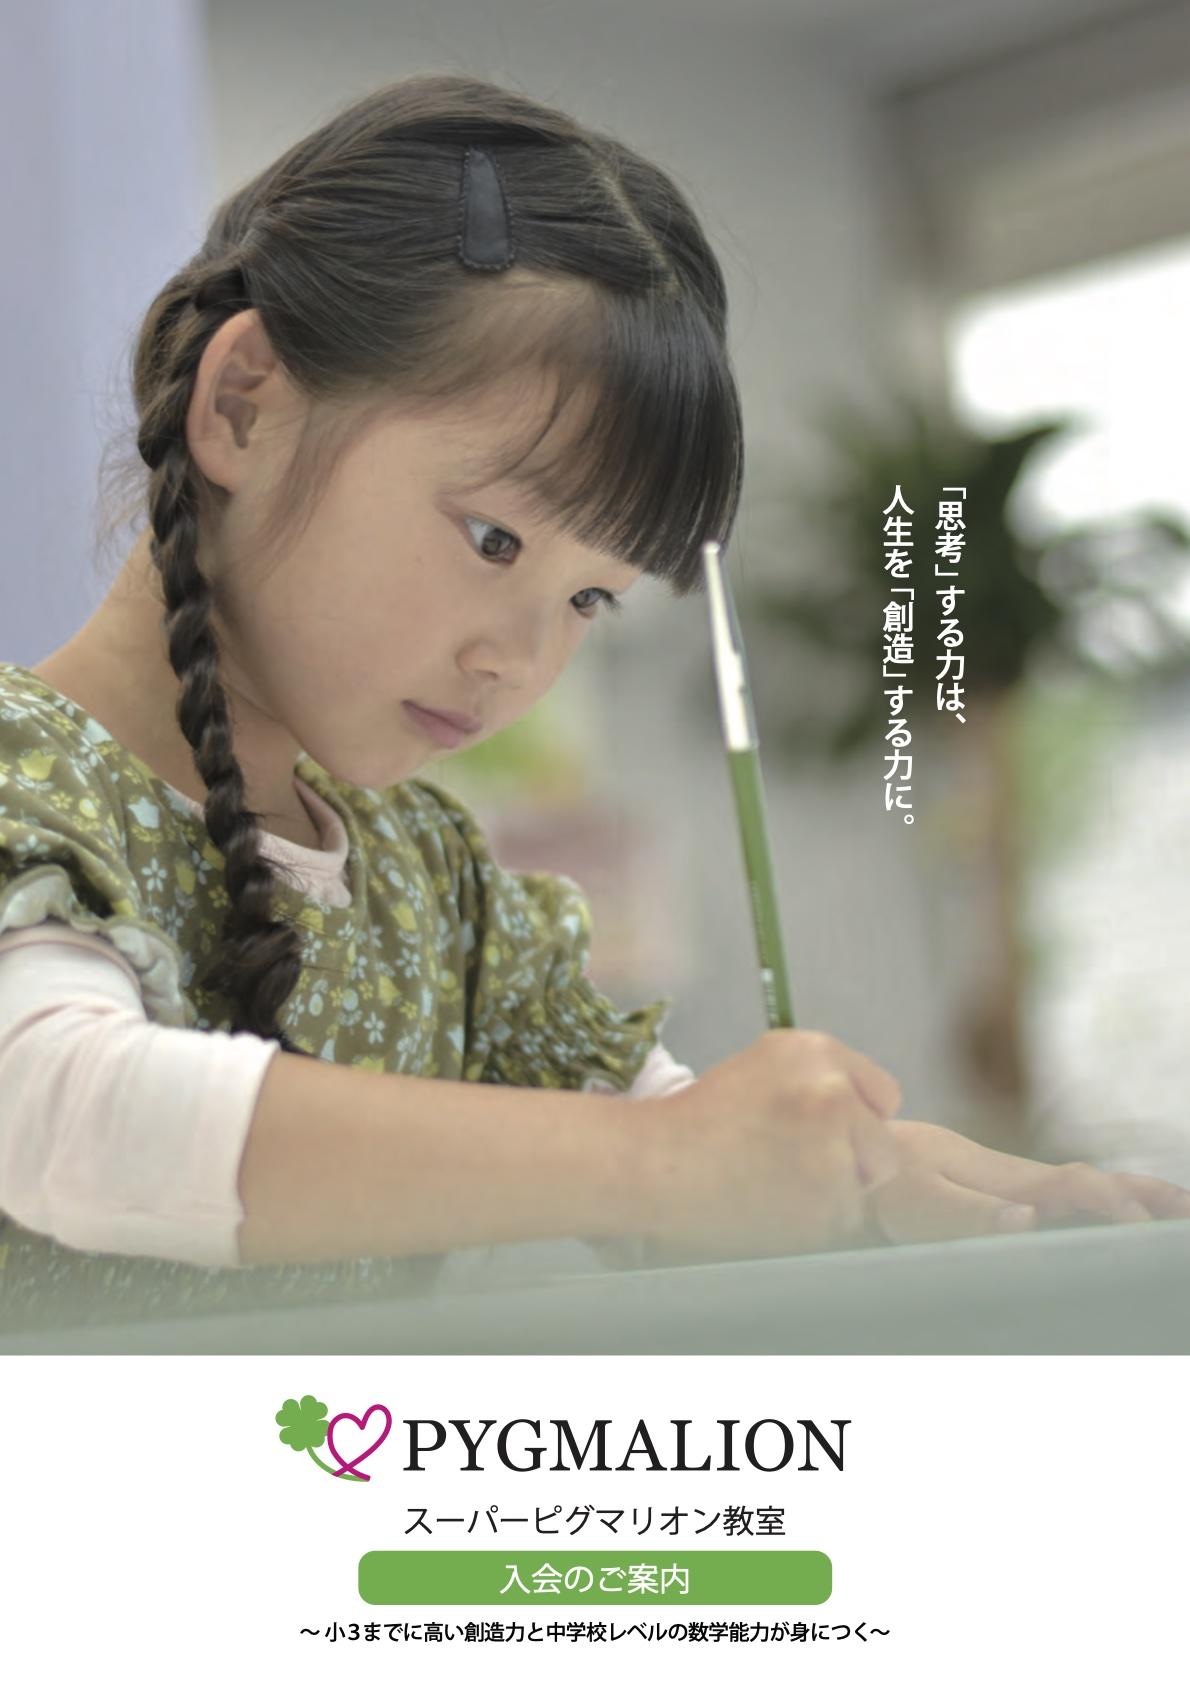 『スーパーピグマリオン教室』 資料PDF無料公開中